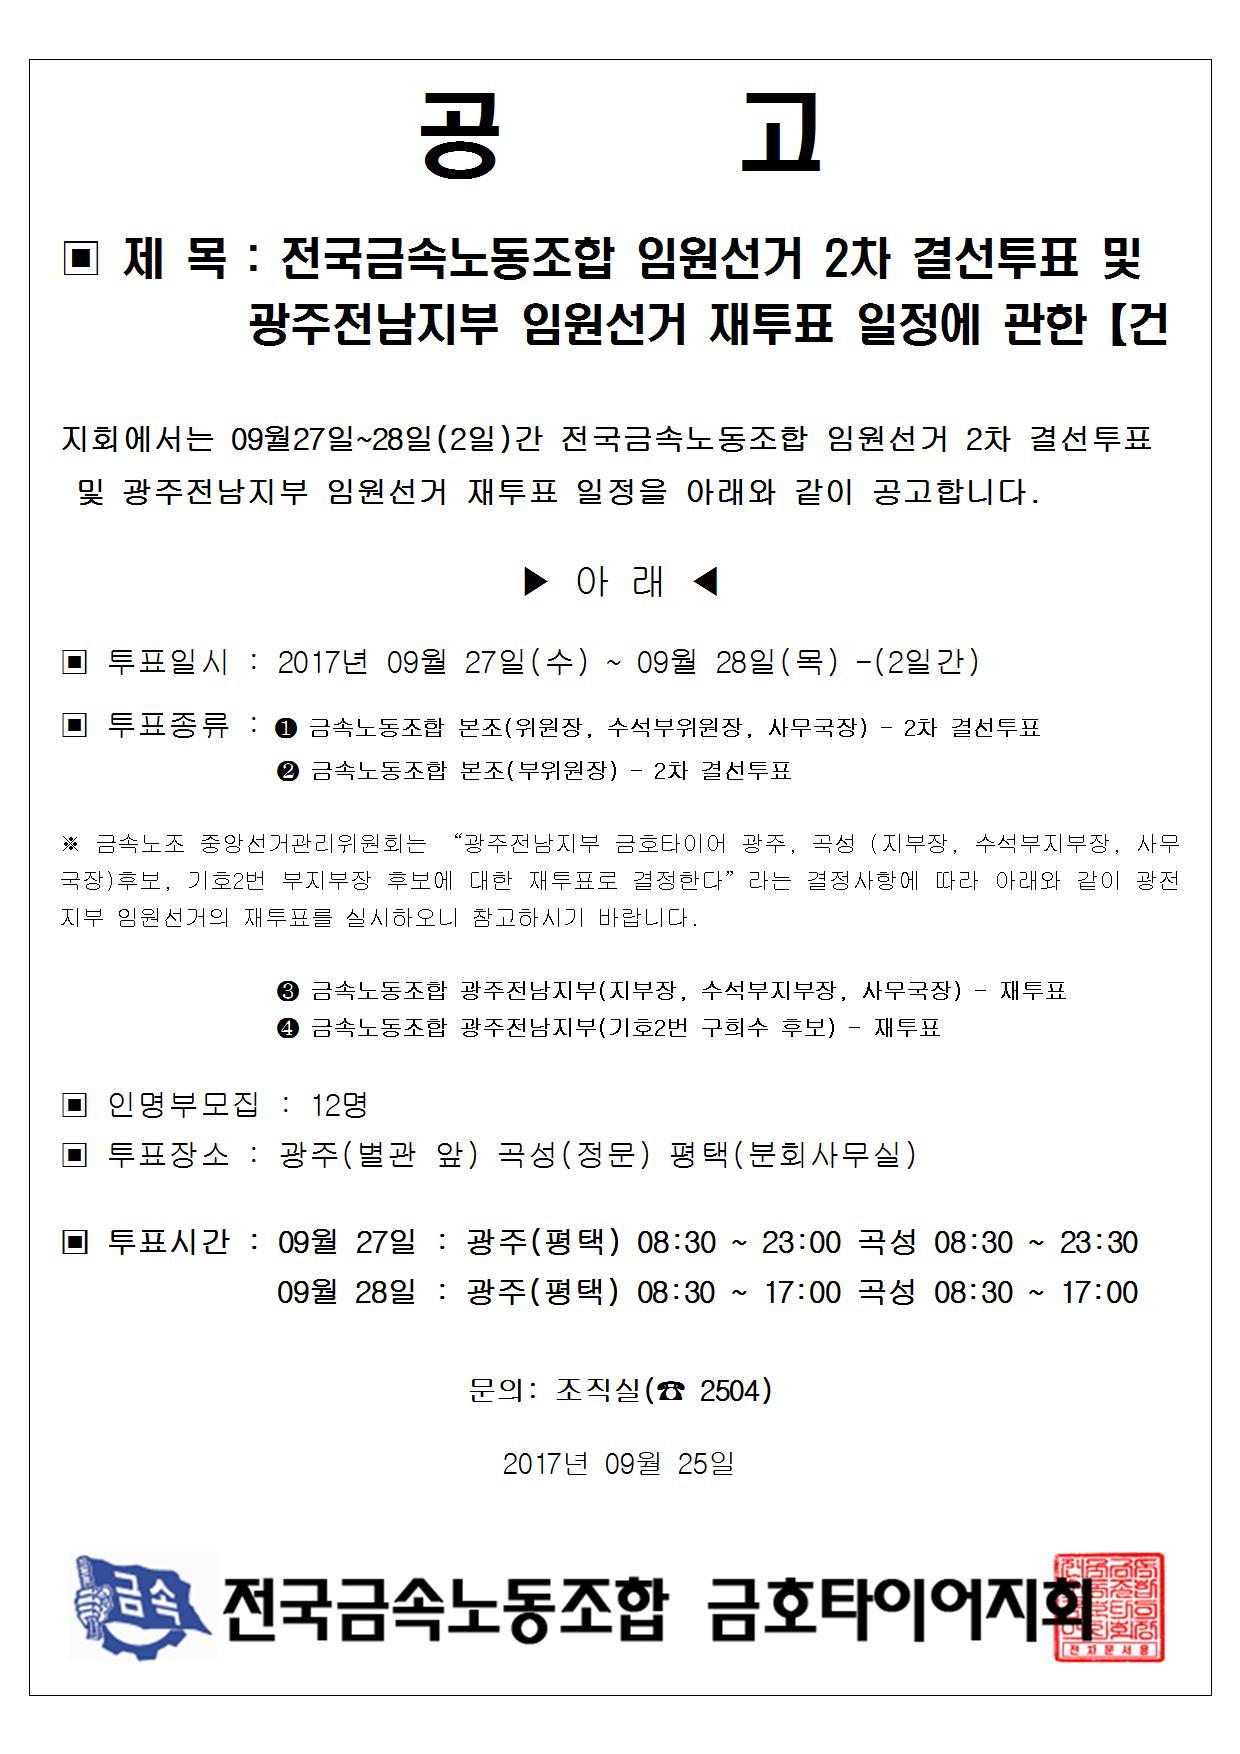 금속임원선거 재선거 일정 공지001.jpg